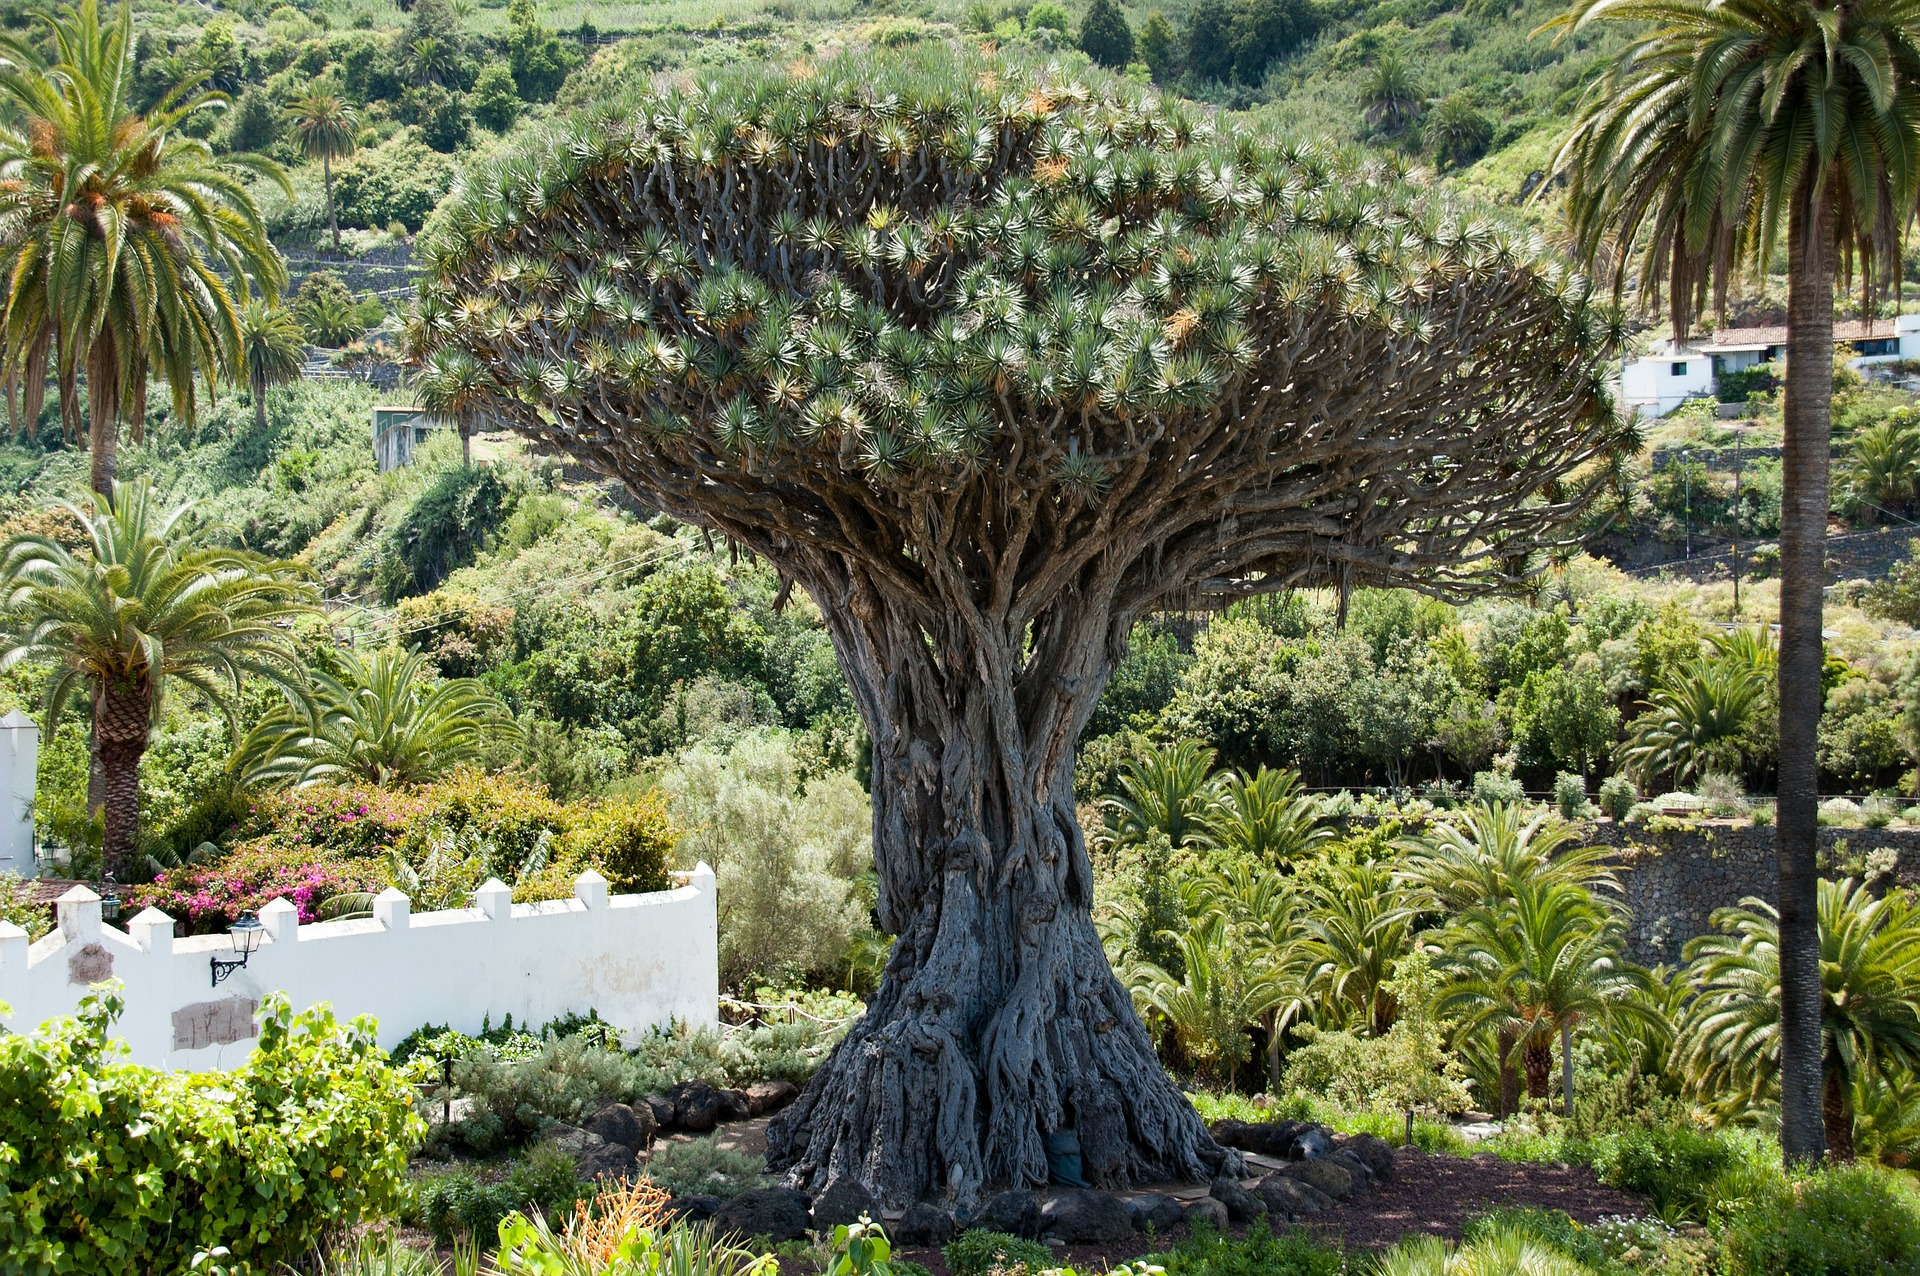 Этот великолепный экземпляр Драконьего Дерева- самый крупный в мире. Его высота составляет 18 метров, а обхват ствола у основания- 20 метров/ Фото: pixabay (C.C.)